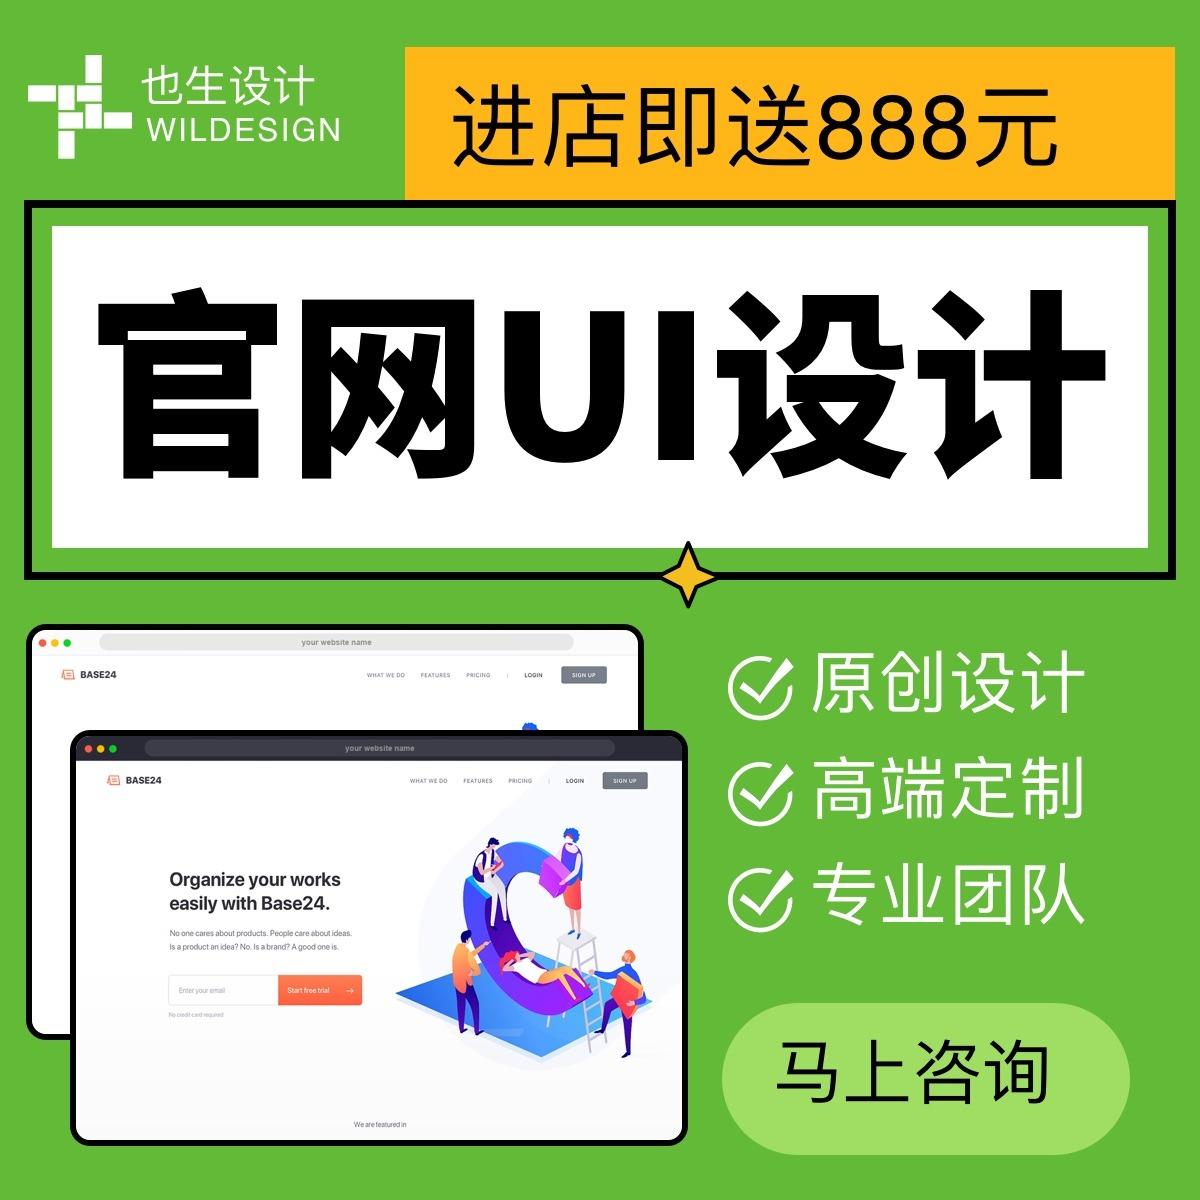 【官网设计】企业公司官网定制/品牌网站/响应式网页